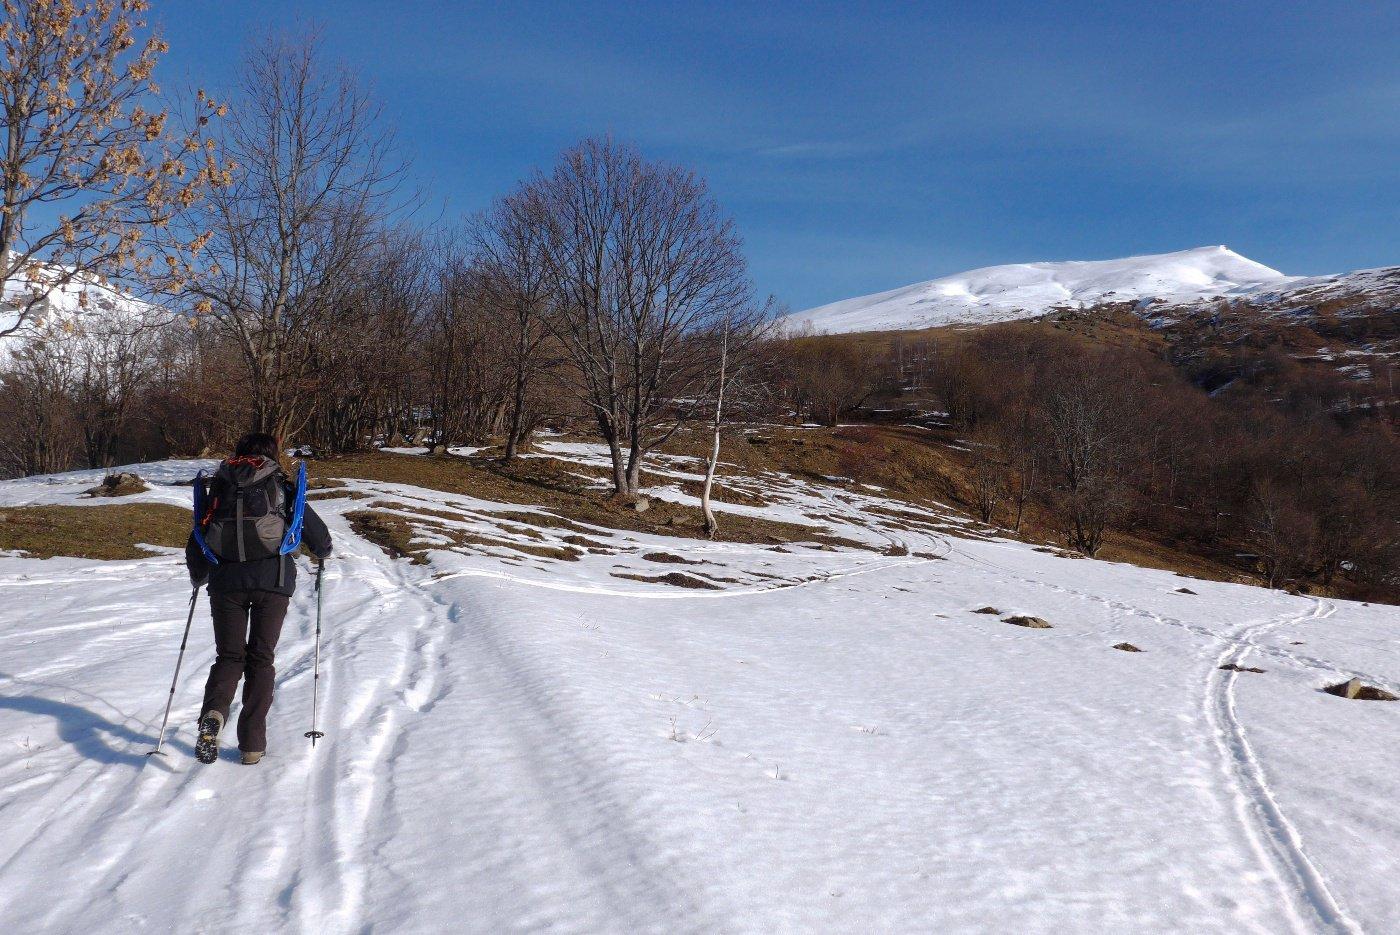 Alla partenza da Brich. Neve davvero poca